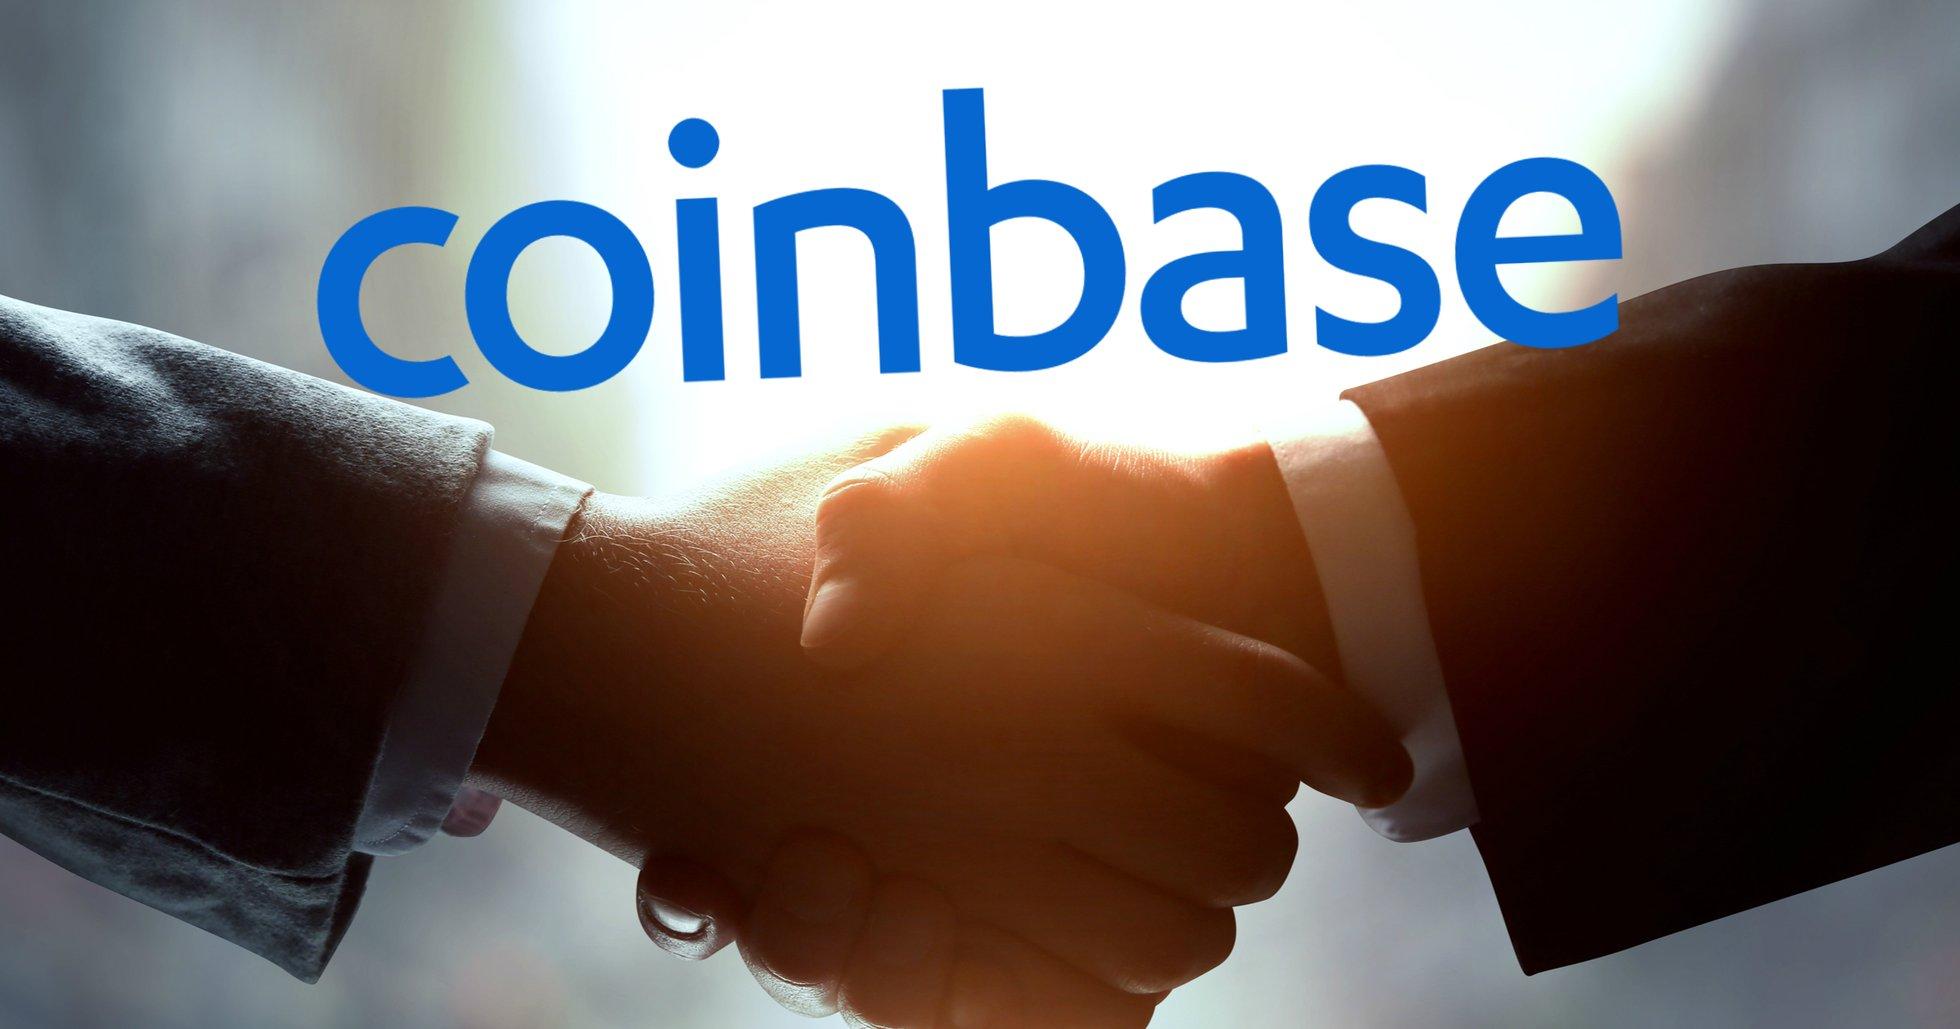 Coinbase delar information om dig som kund med tredjepartsföretag.